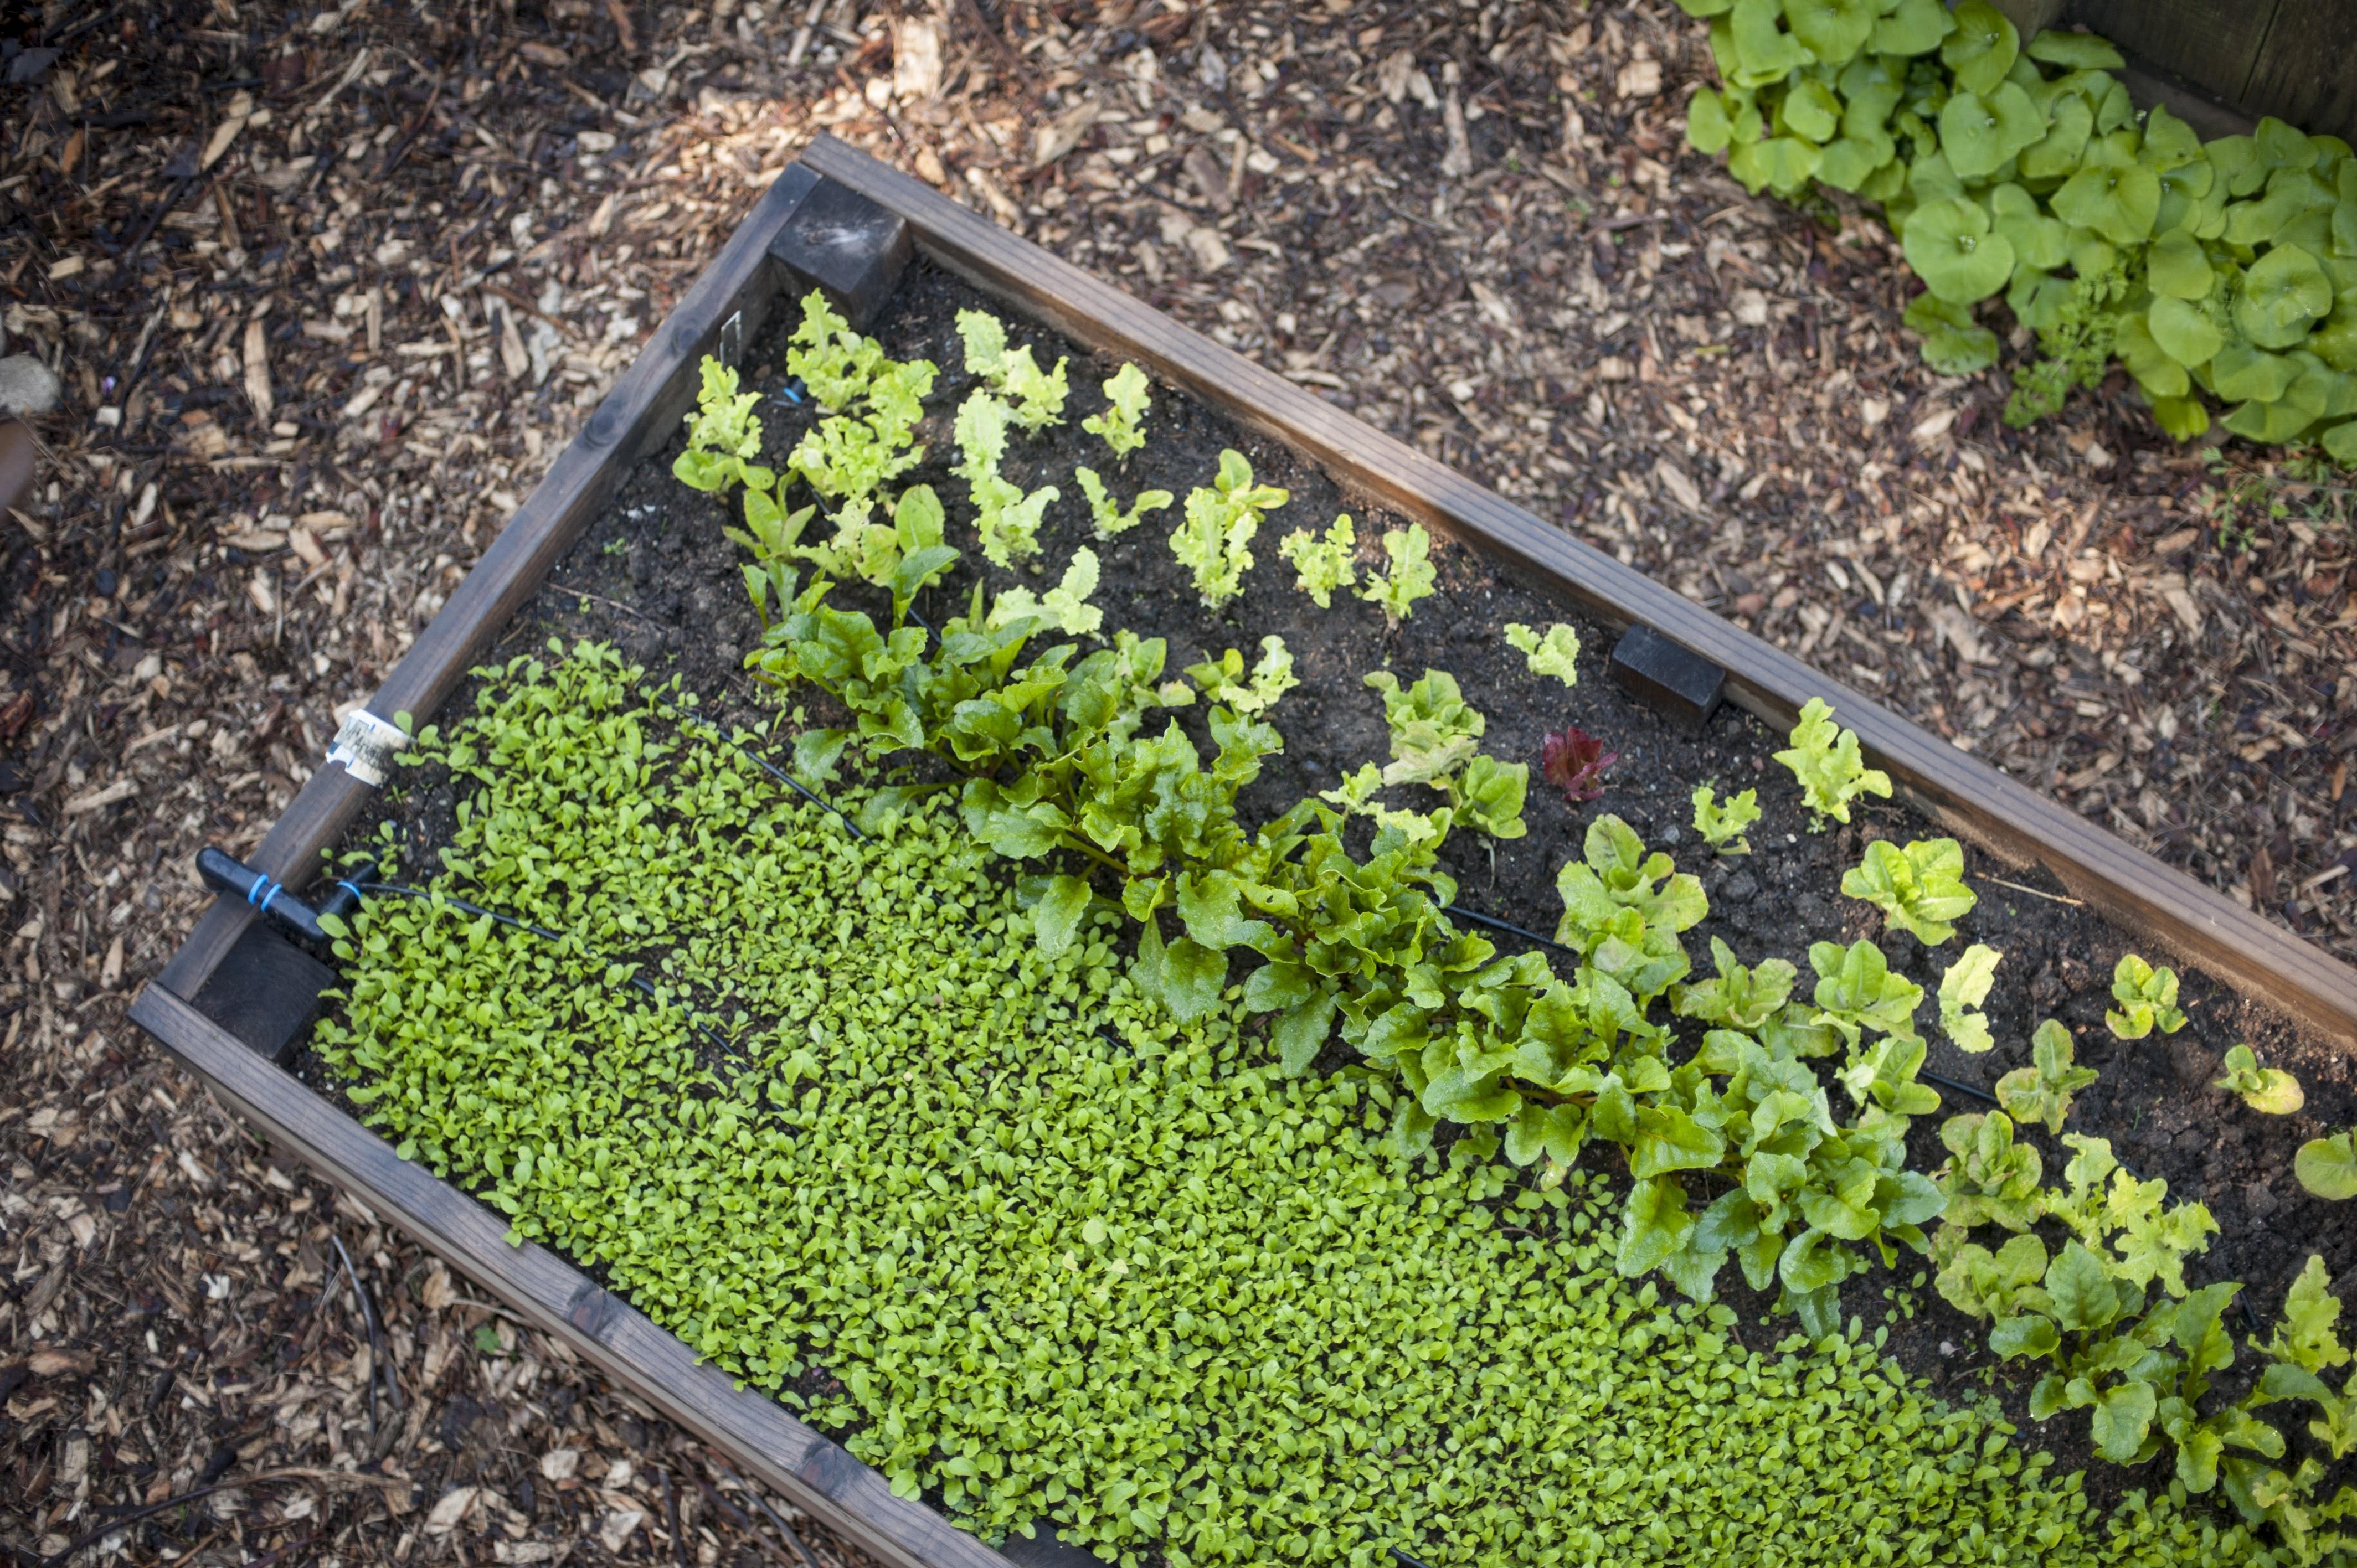 POSTPONED: Dig In! Six-Part Edible Gardening Series